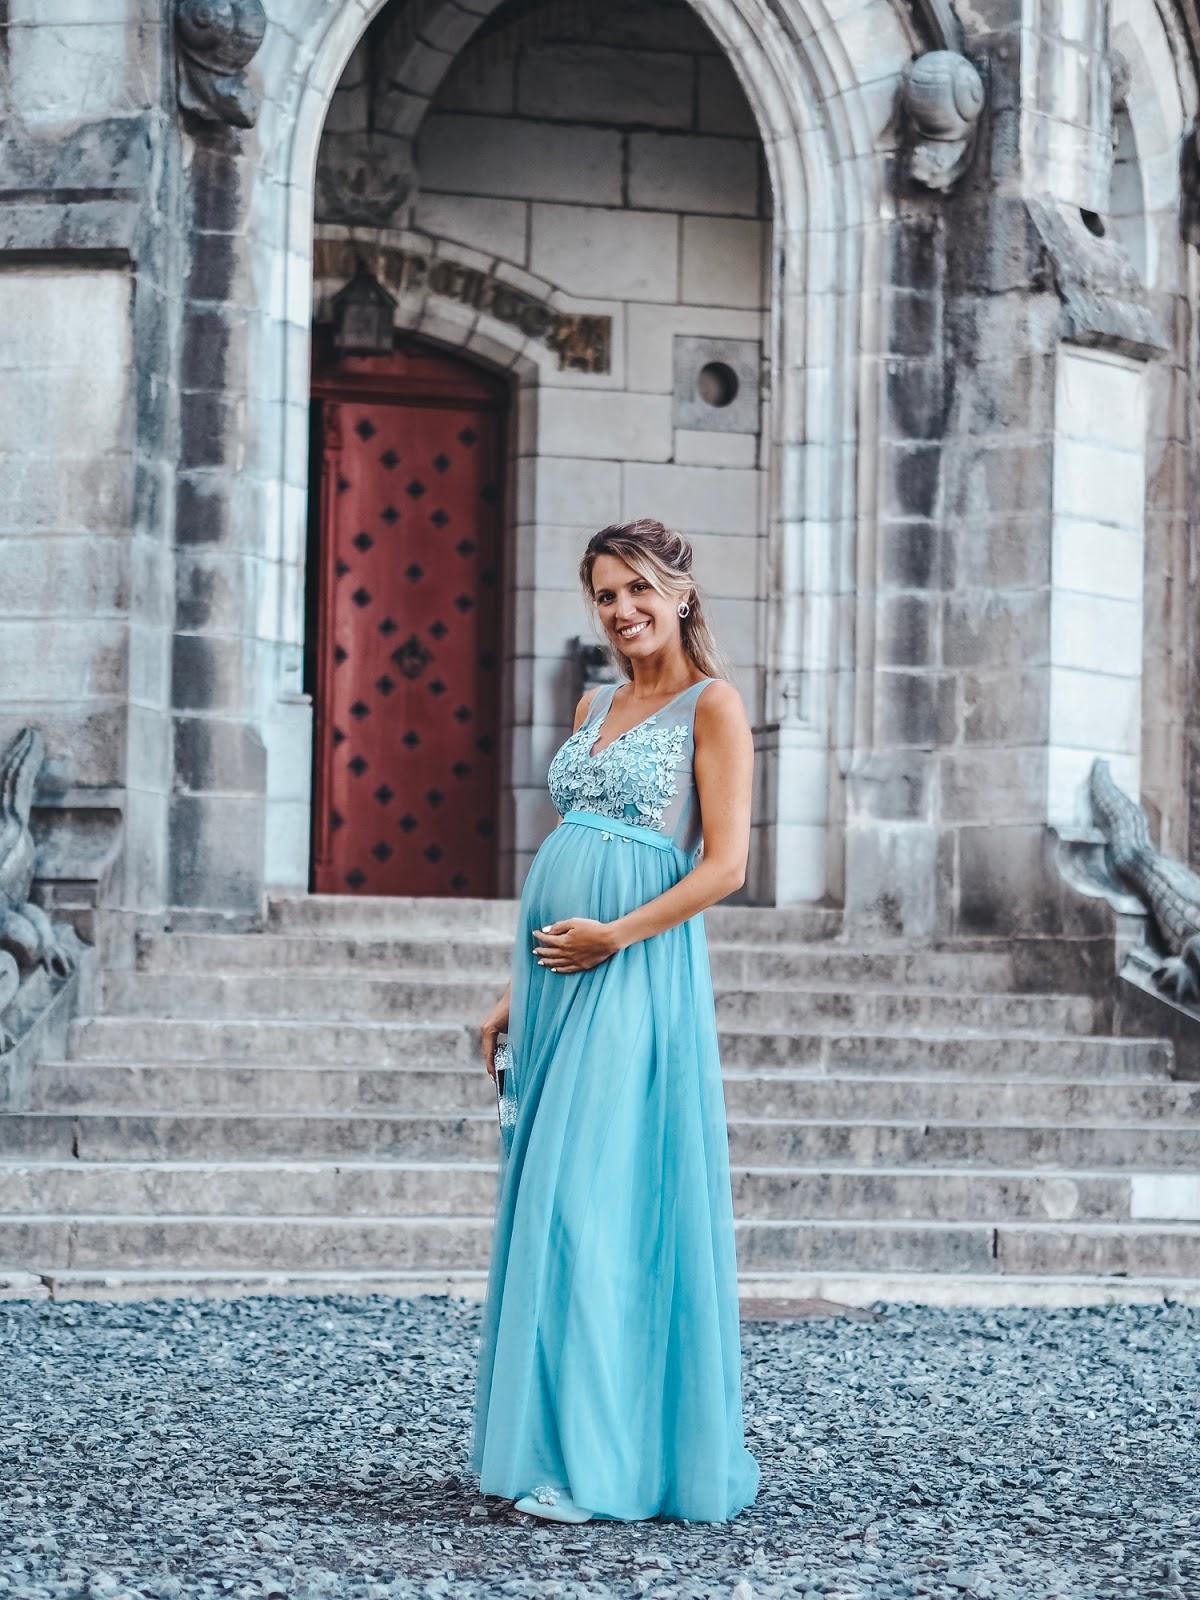 invitada boda noche embarazada